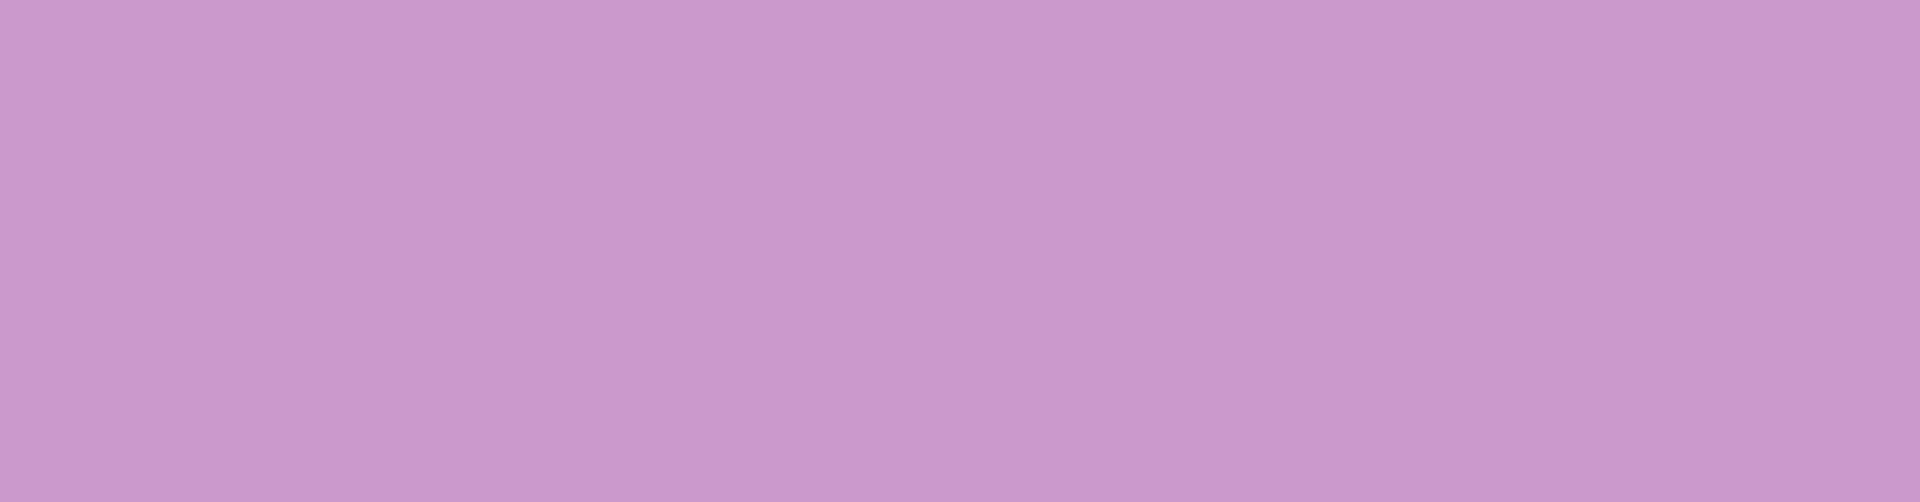 fondo-purple